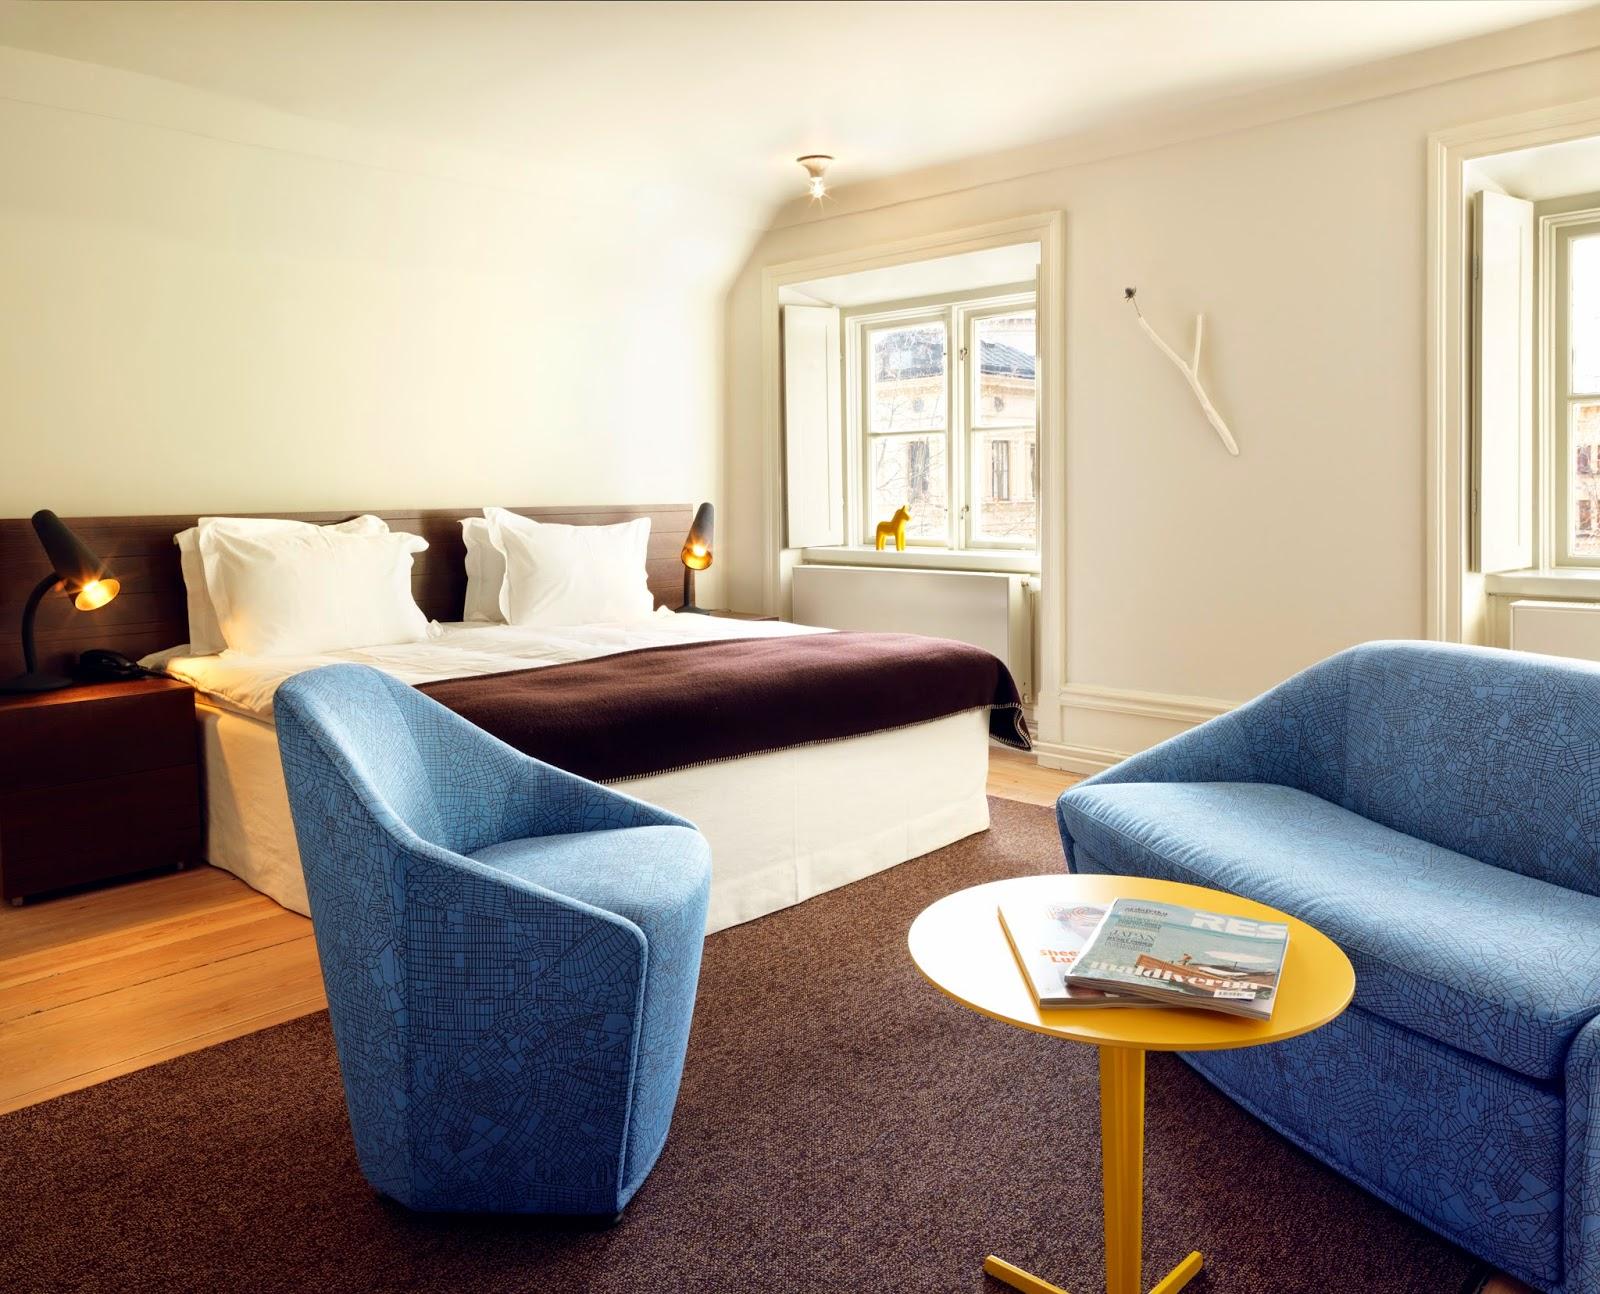 Hotels on Stockholm